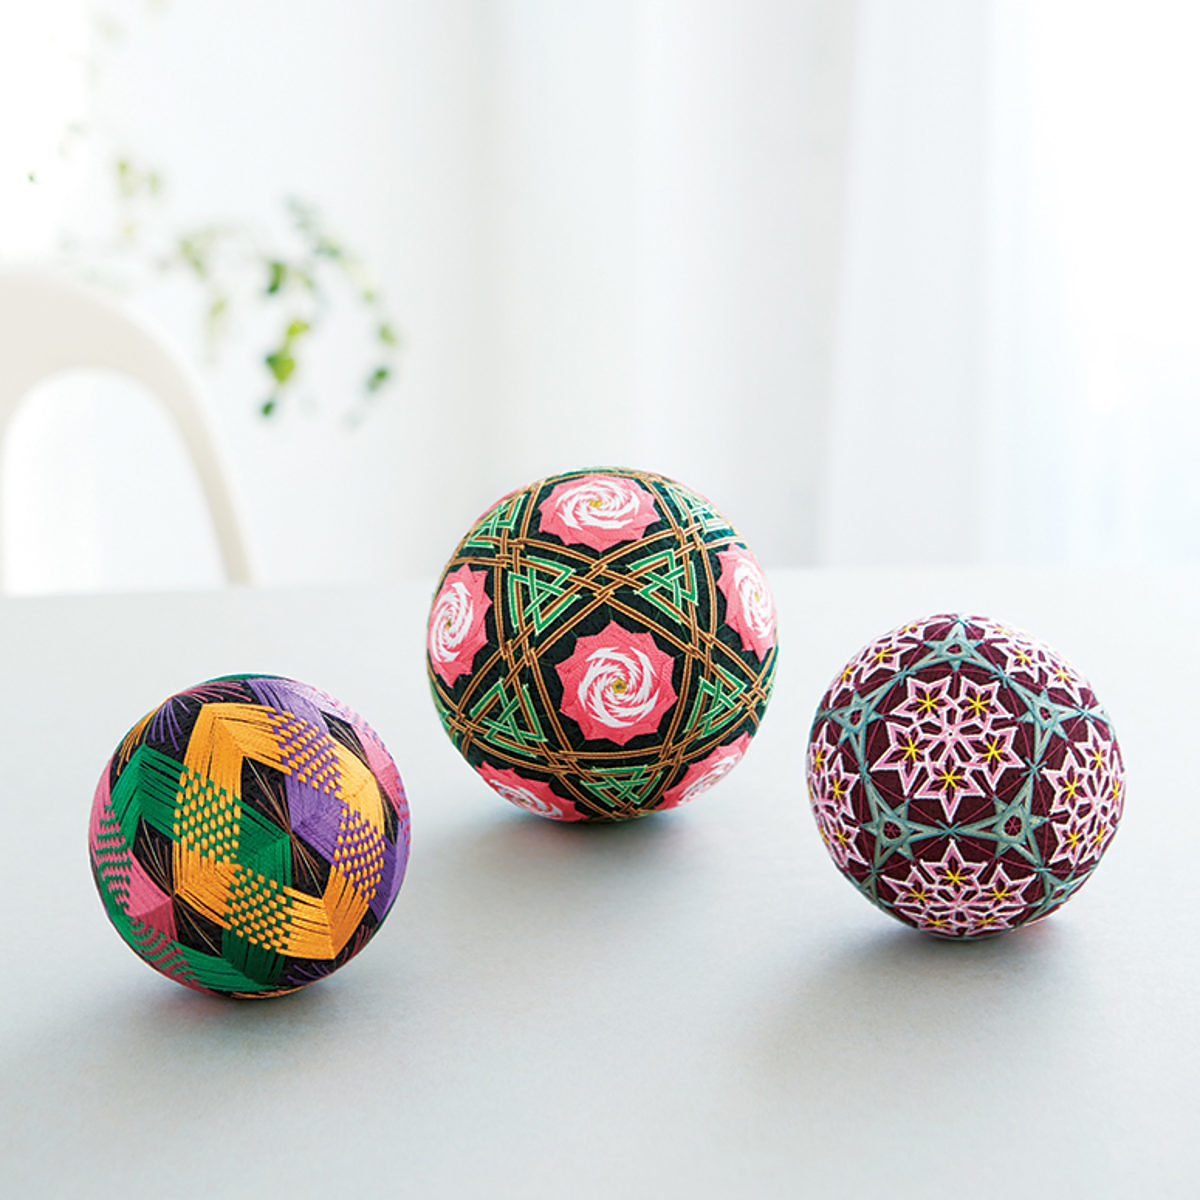 Comment Faire Des Boules En Papier les boules temari, vous connaissez ces balles décoratives ?